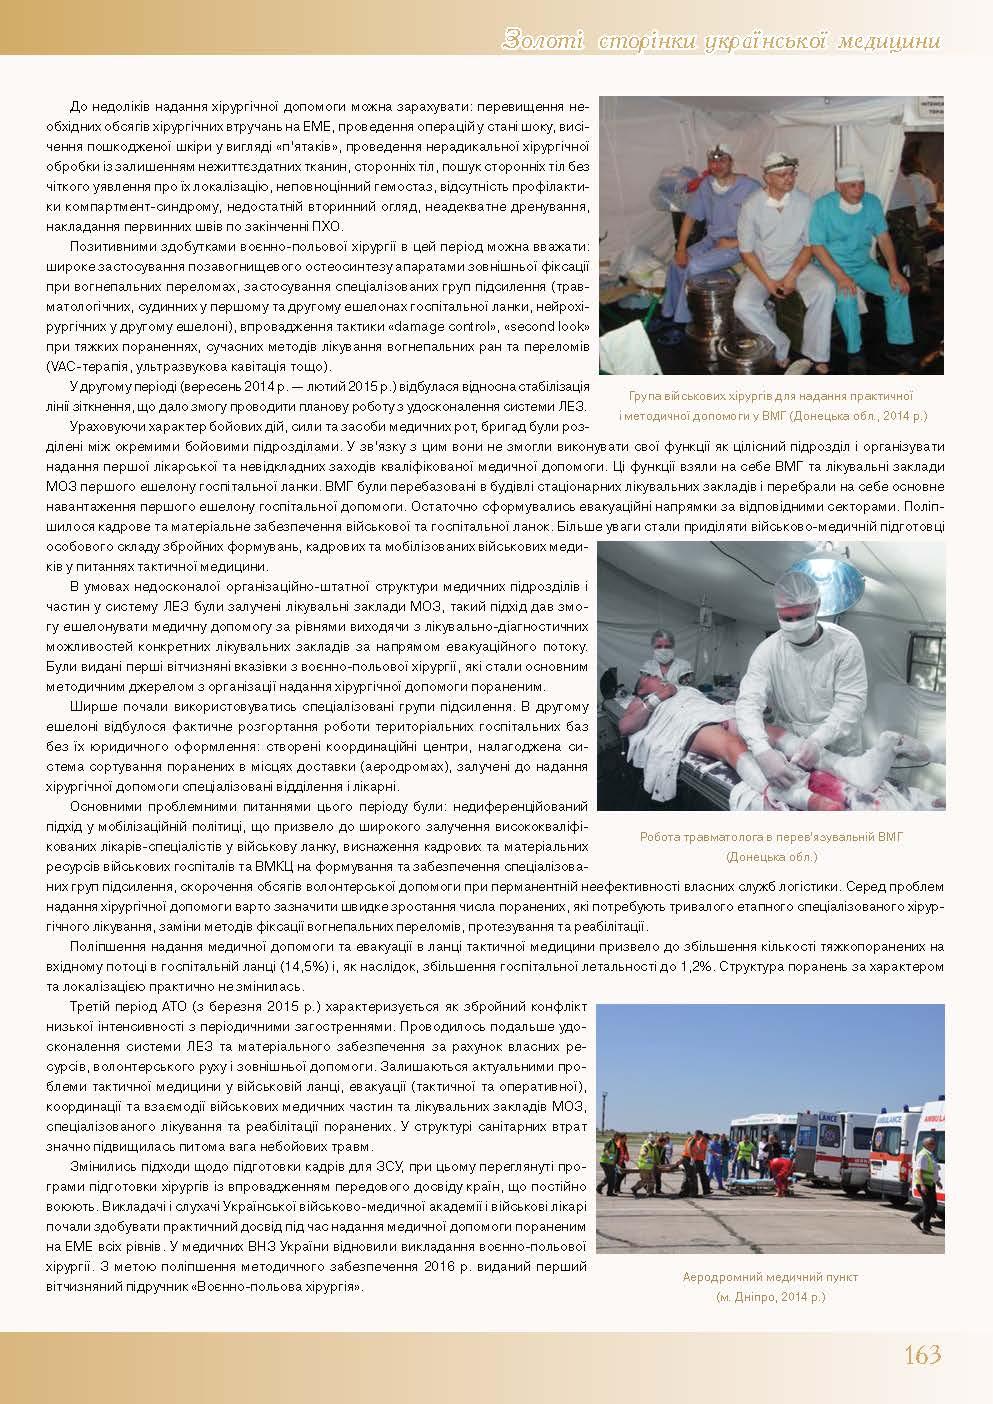 Воєнно-польова хірургія в Україні